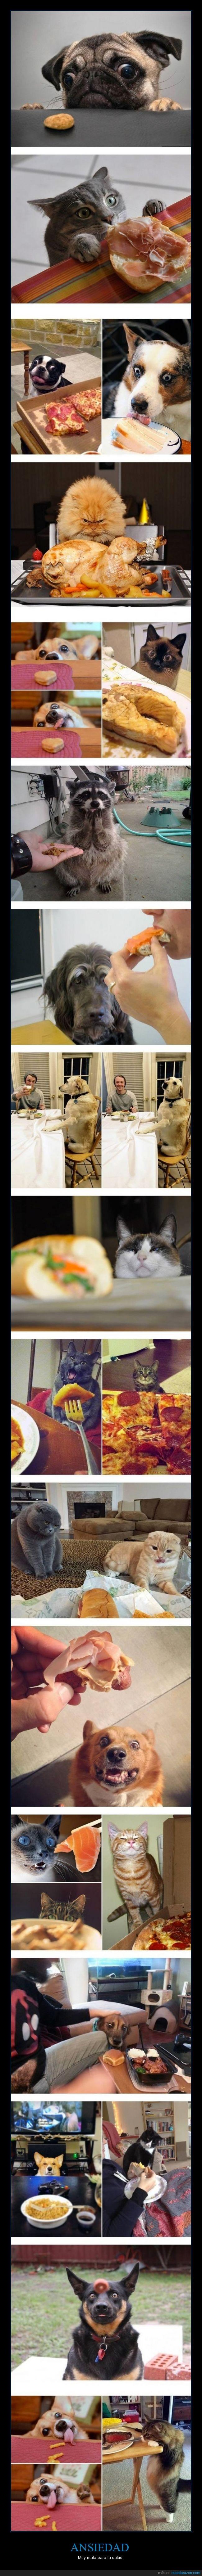 ansiedad,comer,comida,deseo,gato,hambre,llegar,mirada,perro,pescado,vago